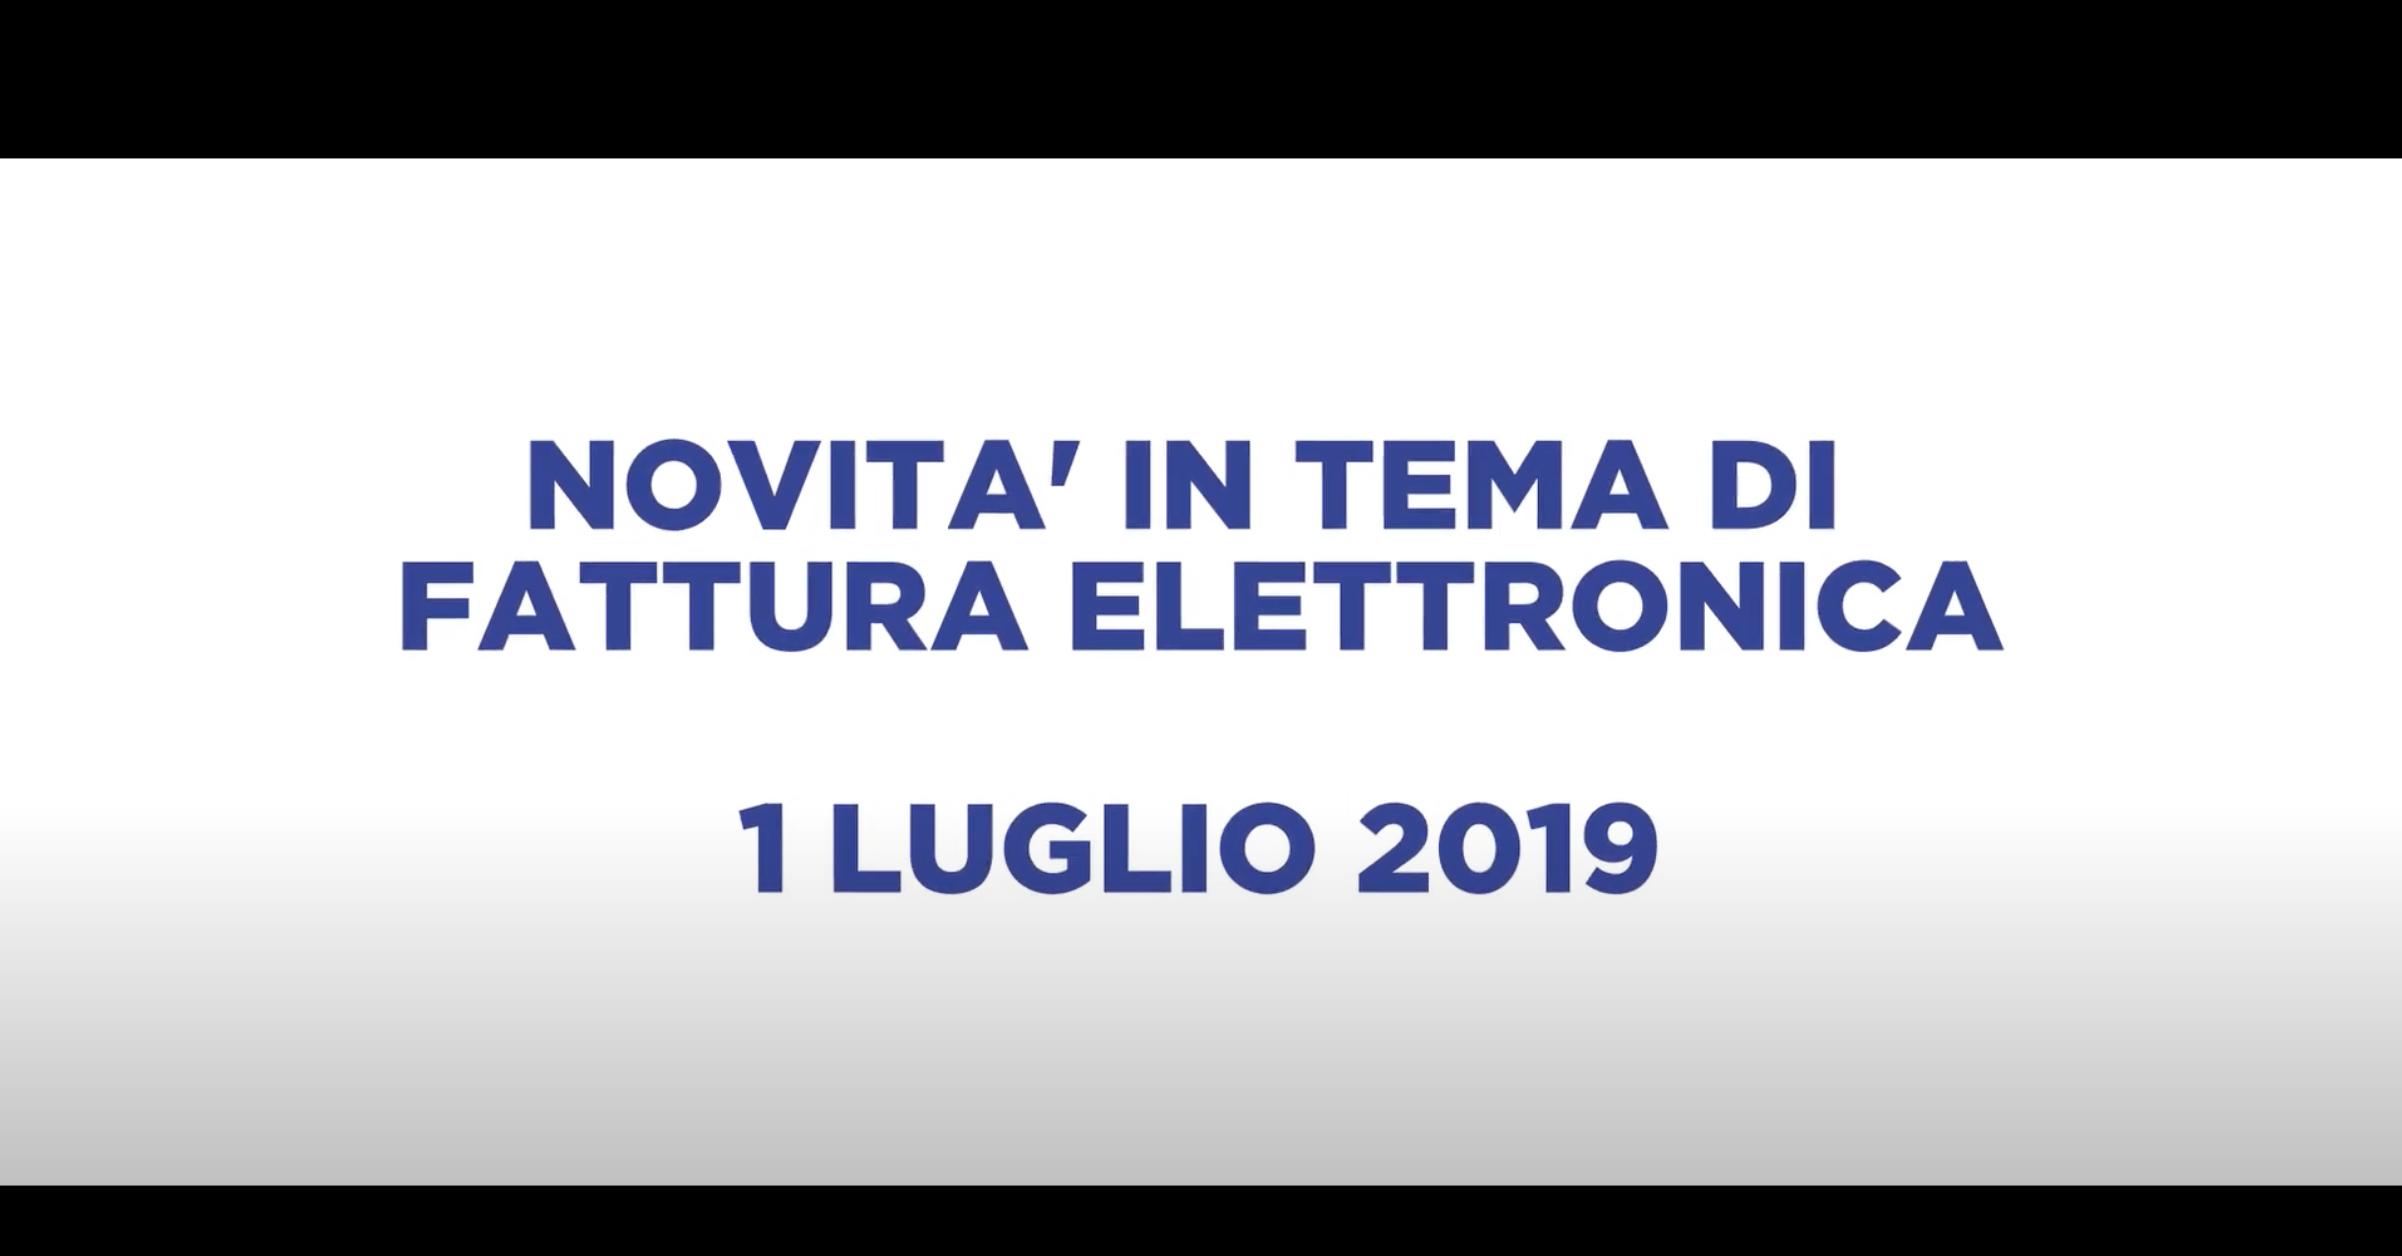 NOVITA' IN TEMA DI FATTURA ELETTRONICA – 1 LUGLIO 2019